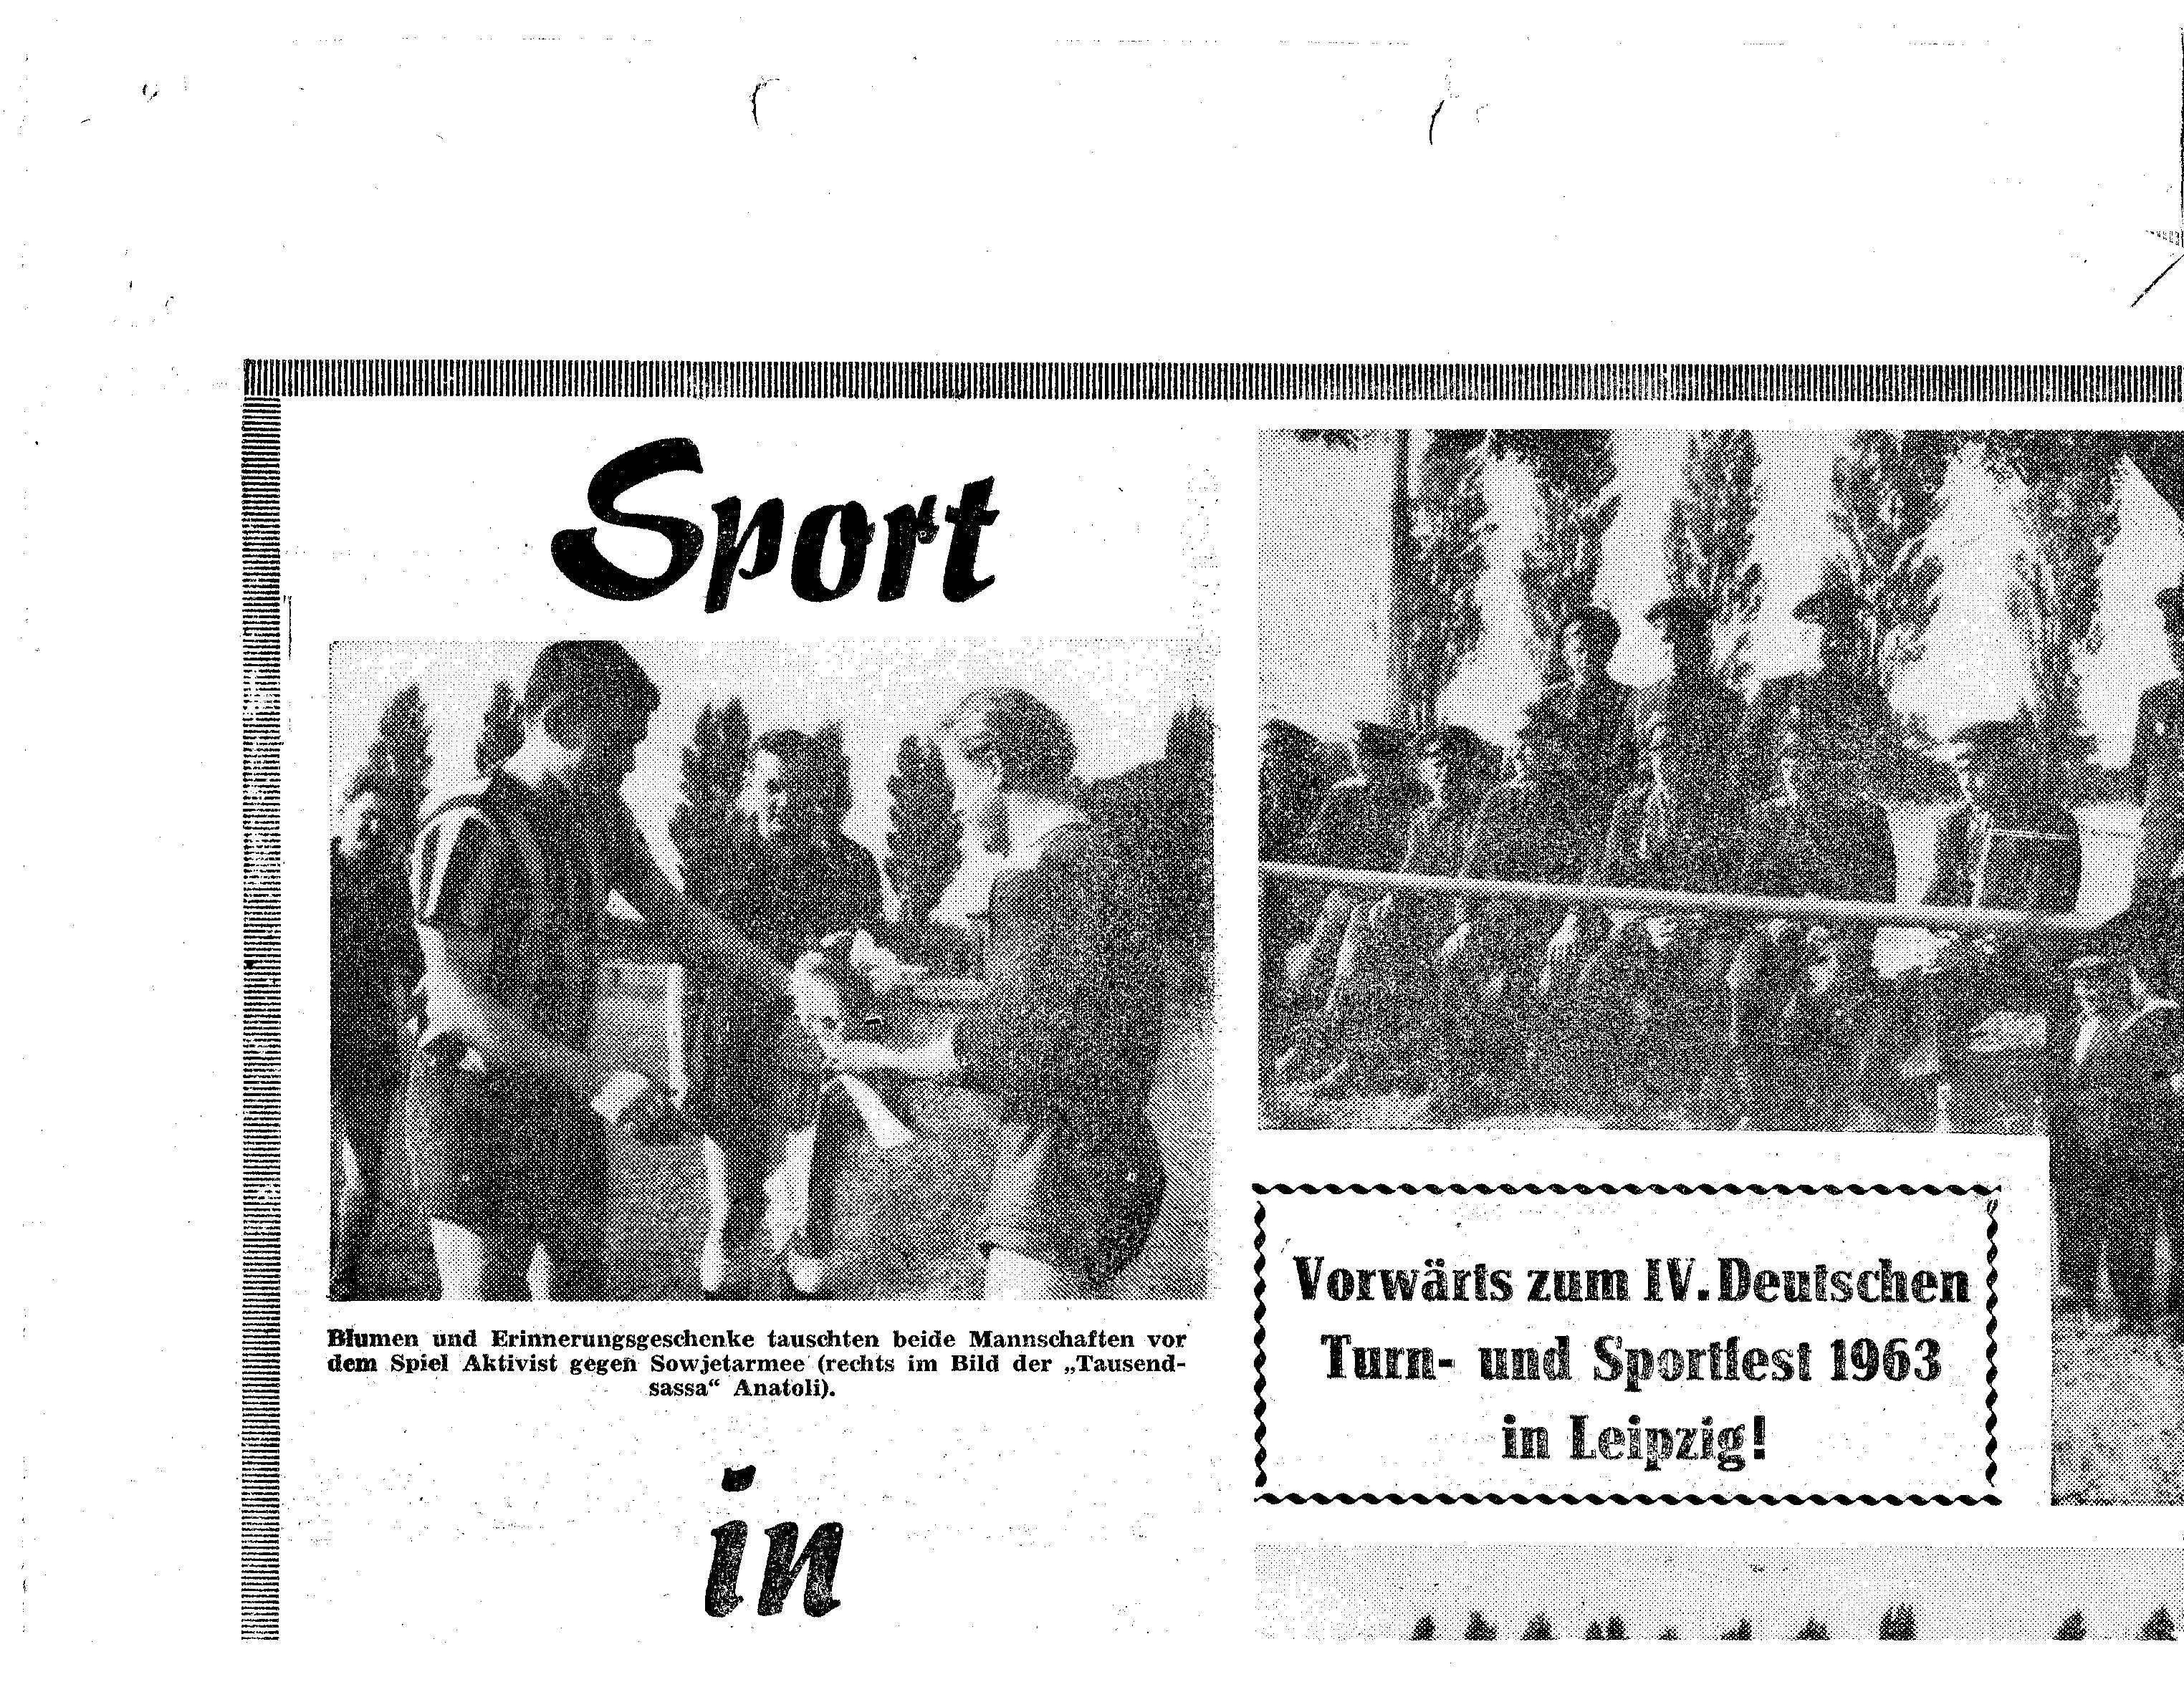 1963 Deutsches Turn und Sportfest Leipzig